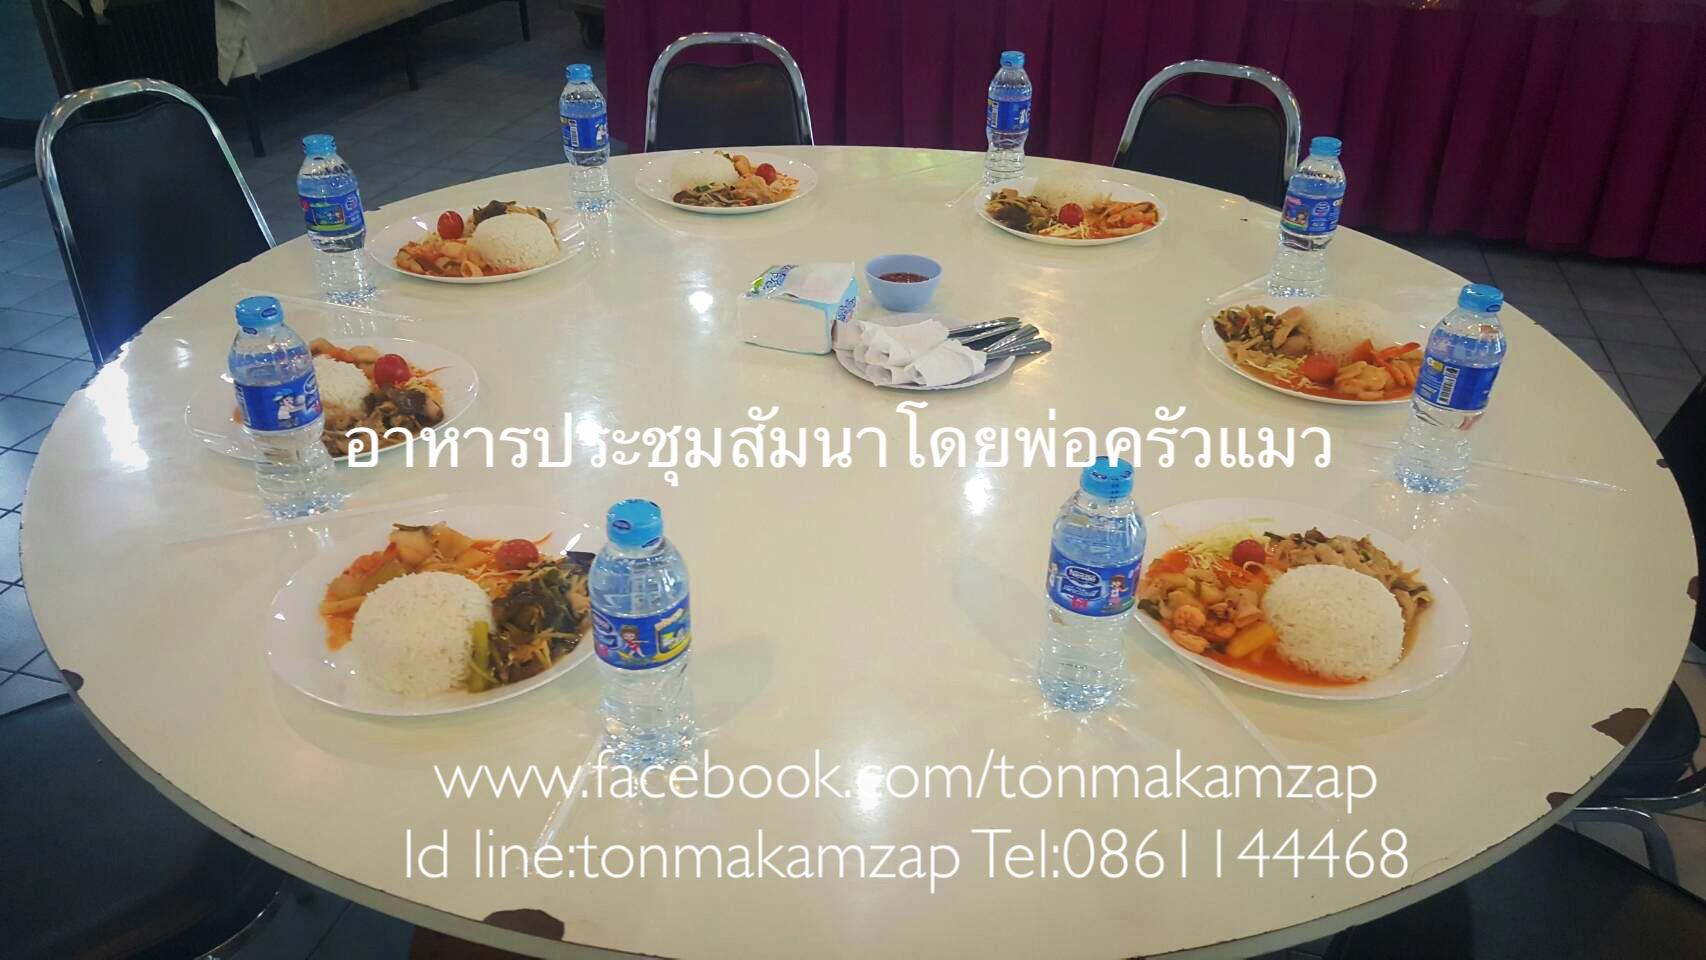 อาหารจัดประชุมนอกสถานที่ นิคมบางปู